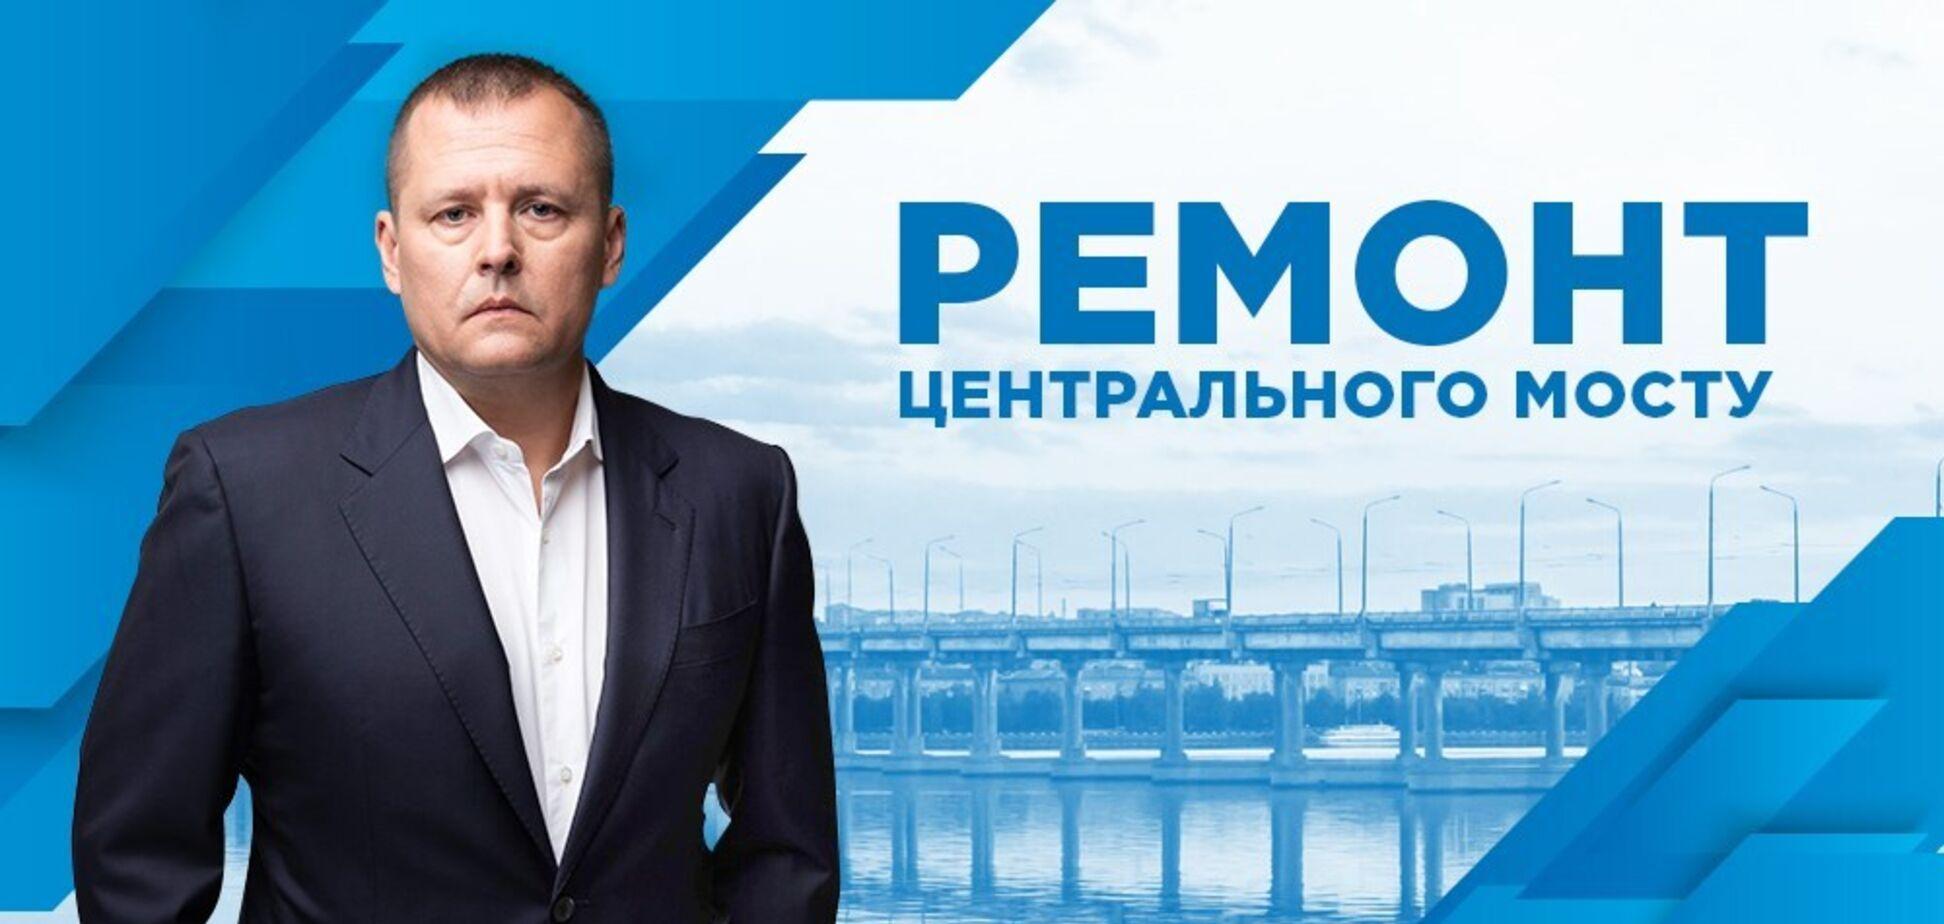 Філатов розповів про розслідування щодо Центрального мосту у Дніпрі